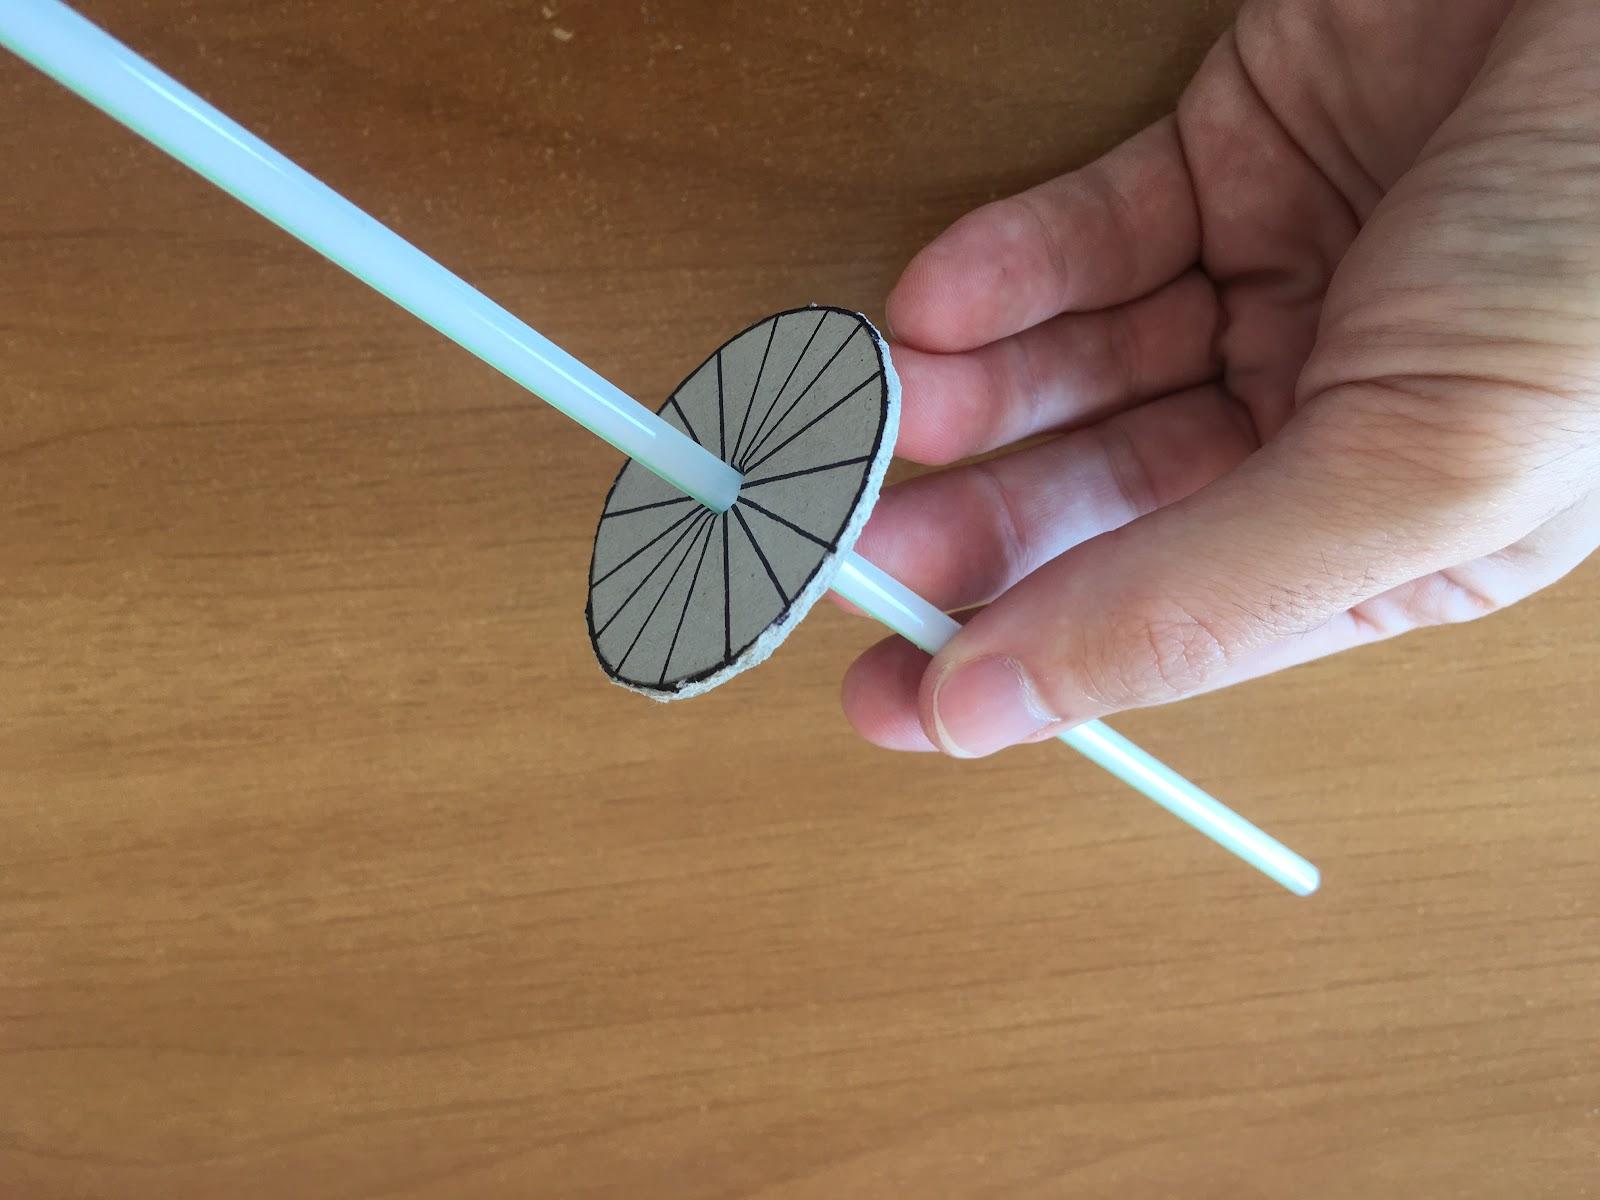 Pasaje del sorbete por el agujero de la circunferencia.